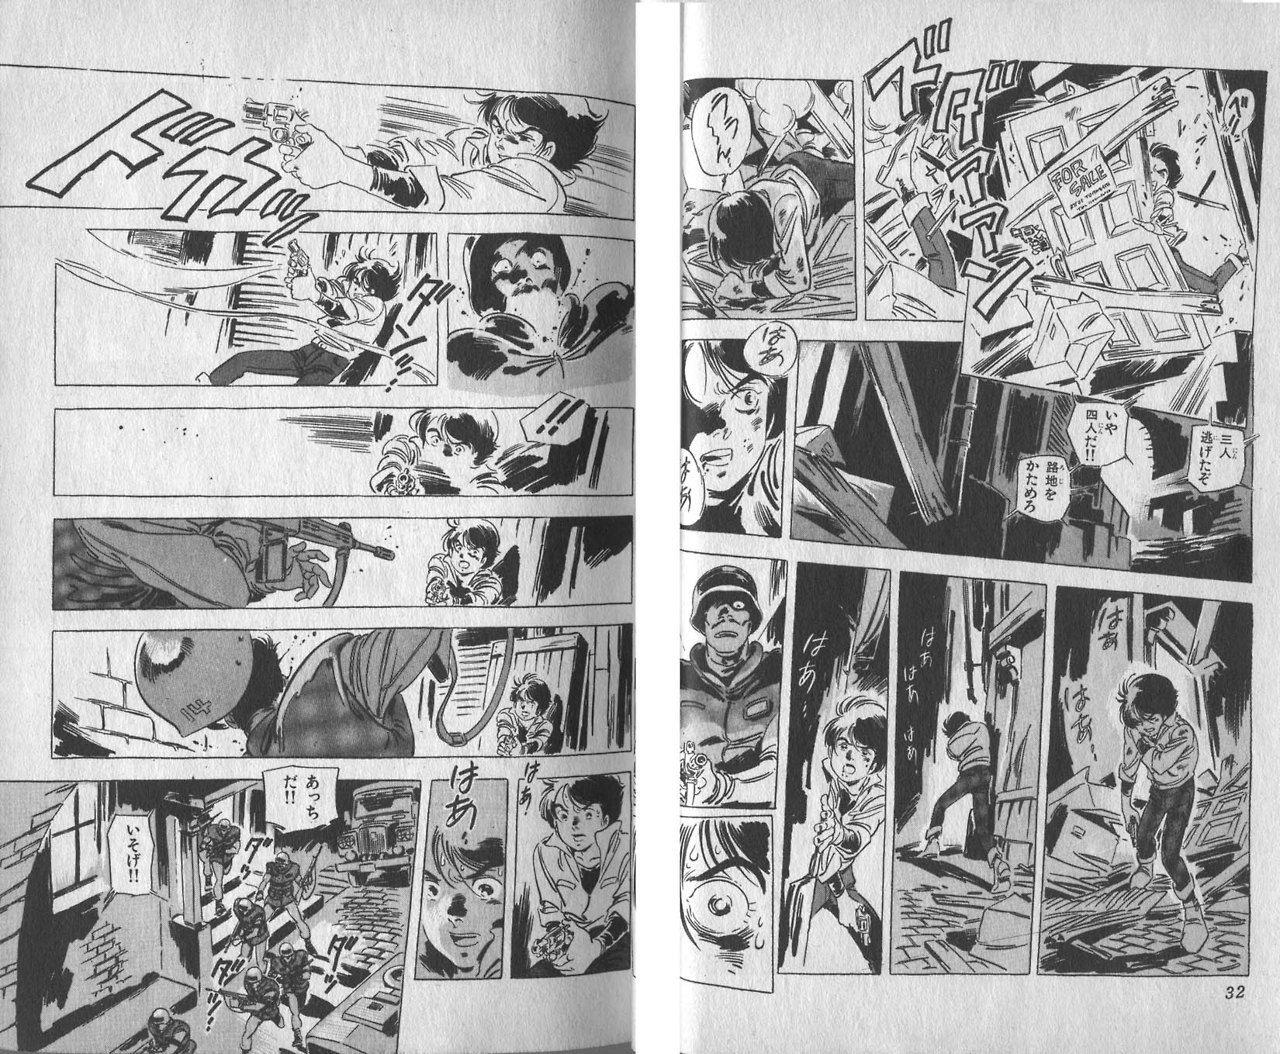 Yoshikazu Yasuhiko's manga Star of the Kurds (Kurdo No Hoshi)